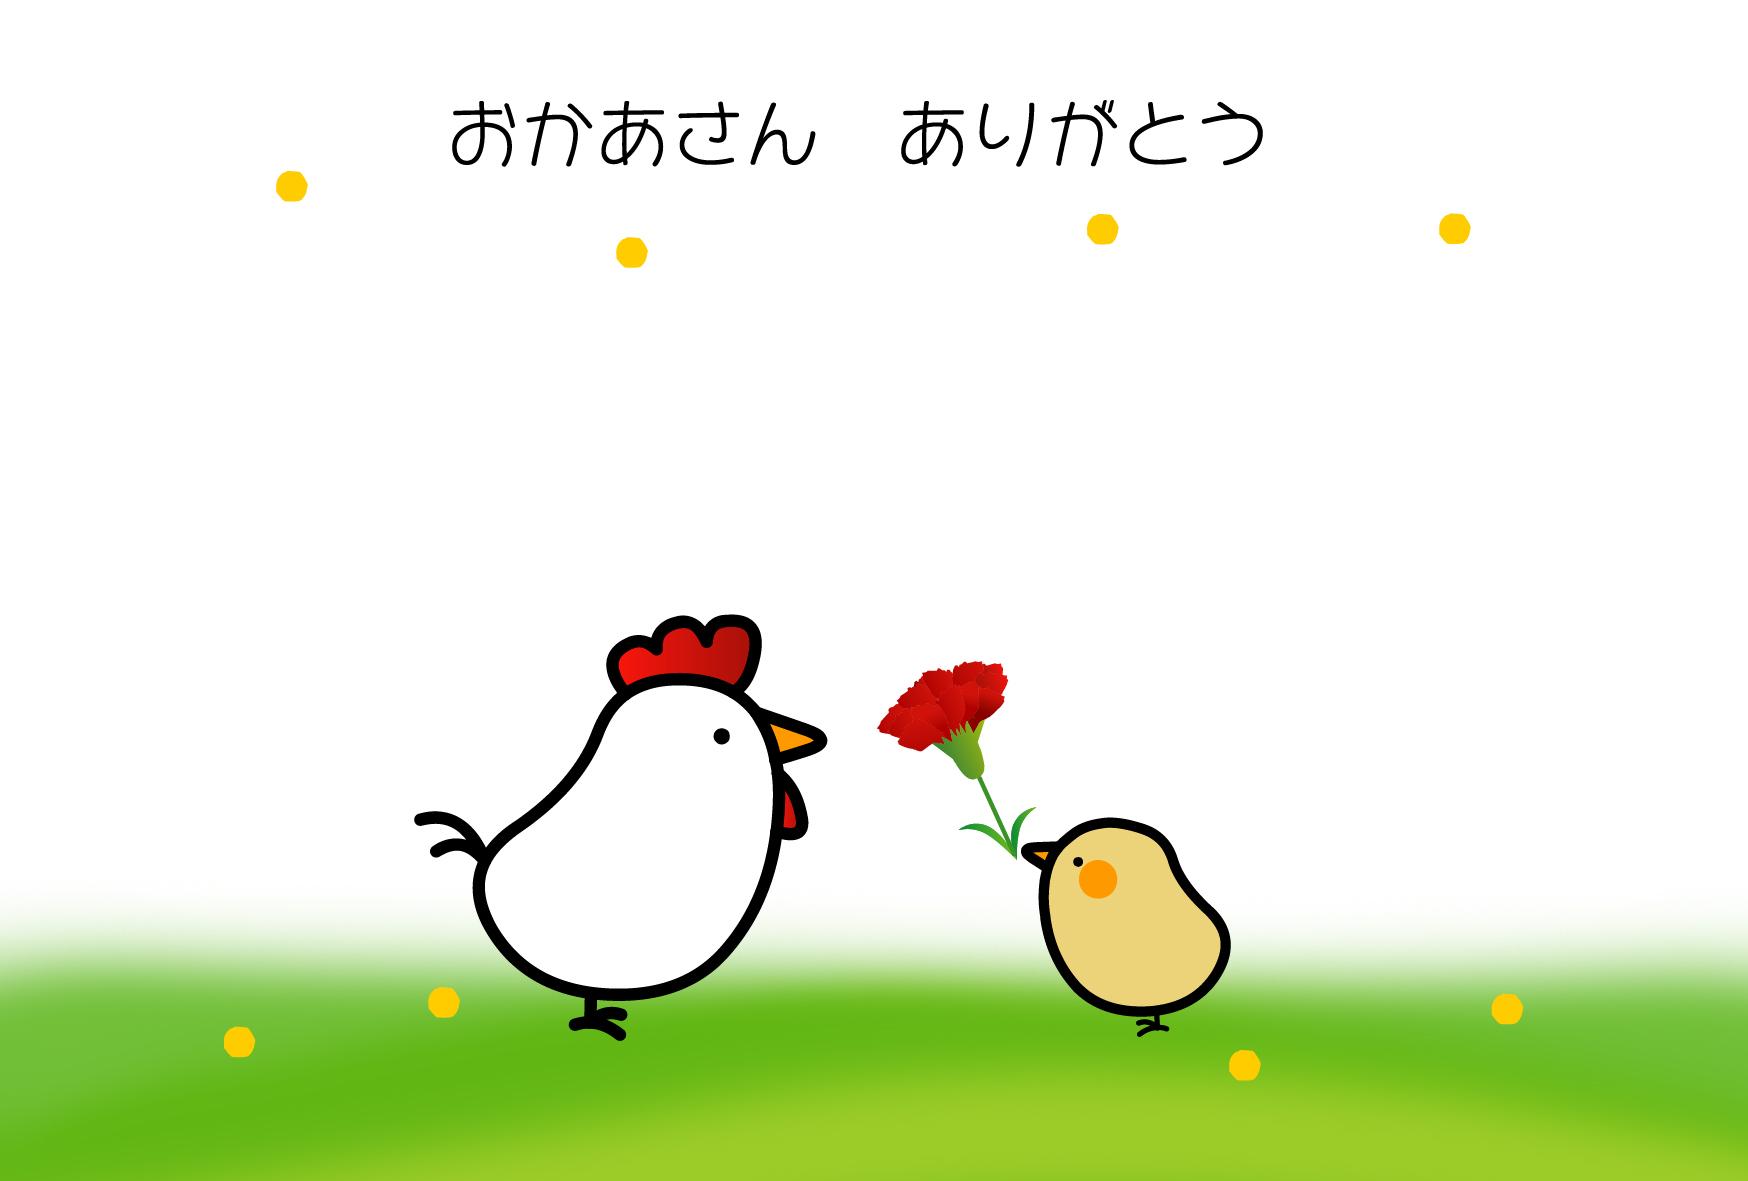 母の日のカード/カーネーションイラスト/無料素材